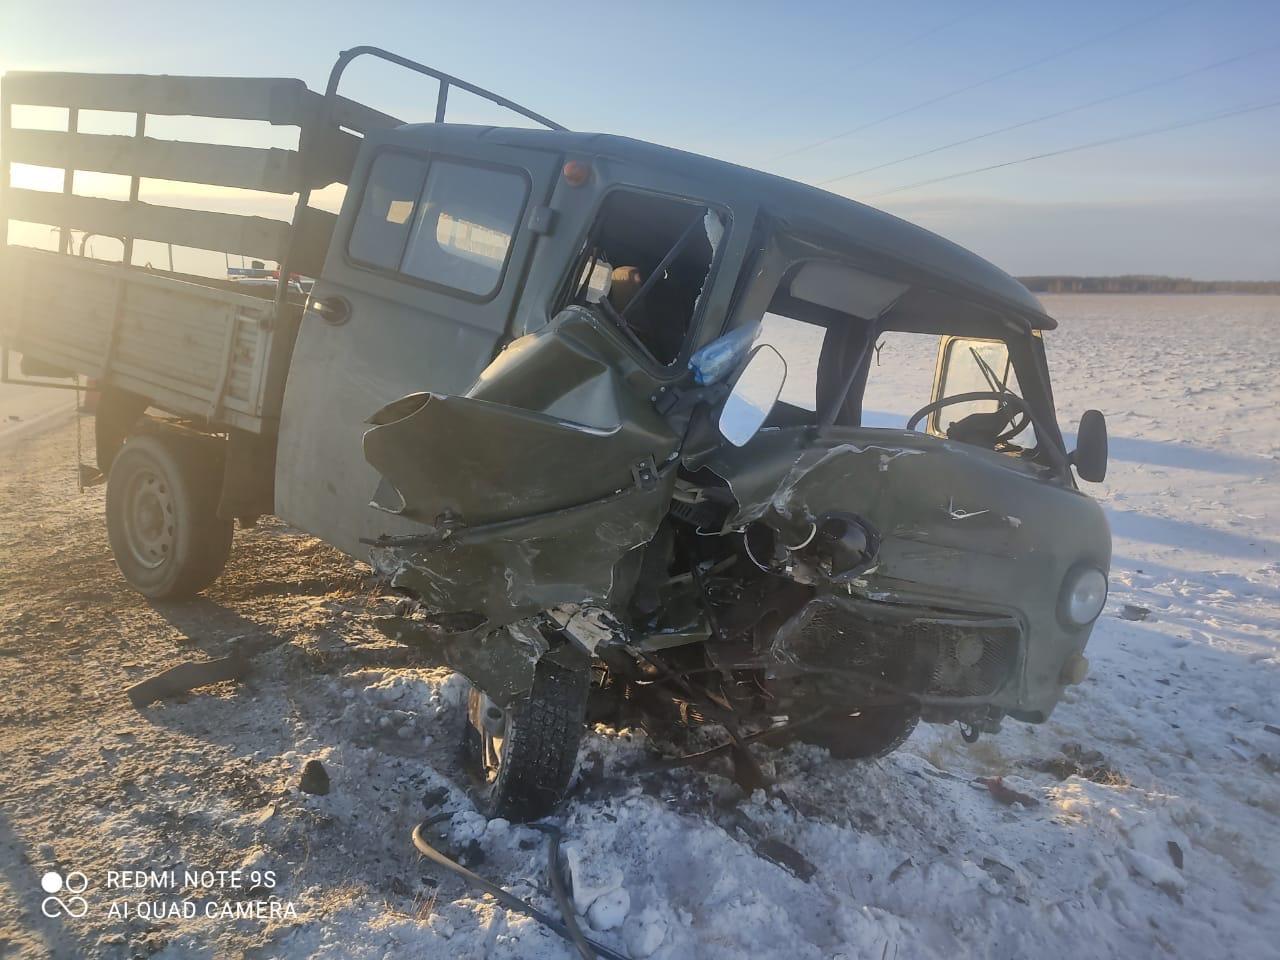 Дверь УАЗа смяло, сильно повреждена передняя часть автомобиля